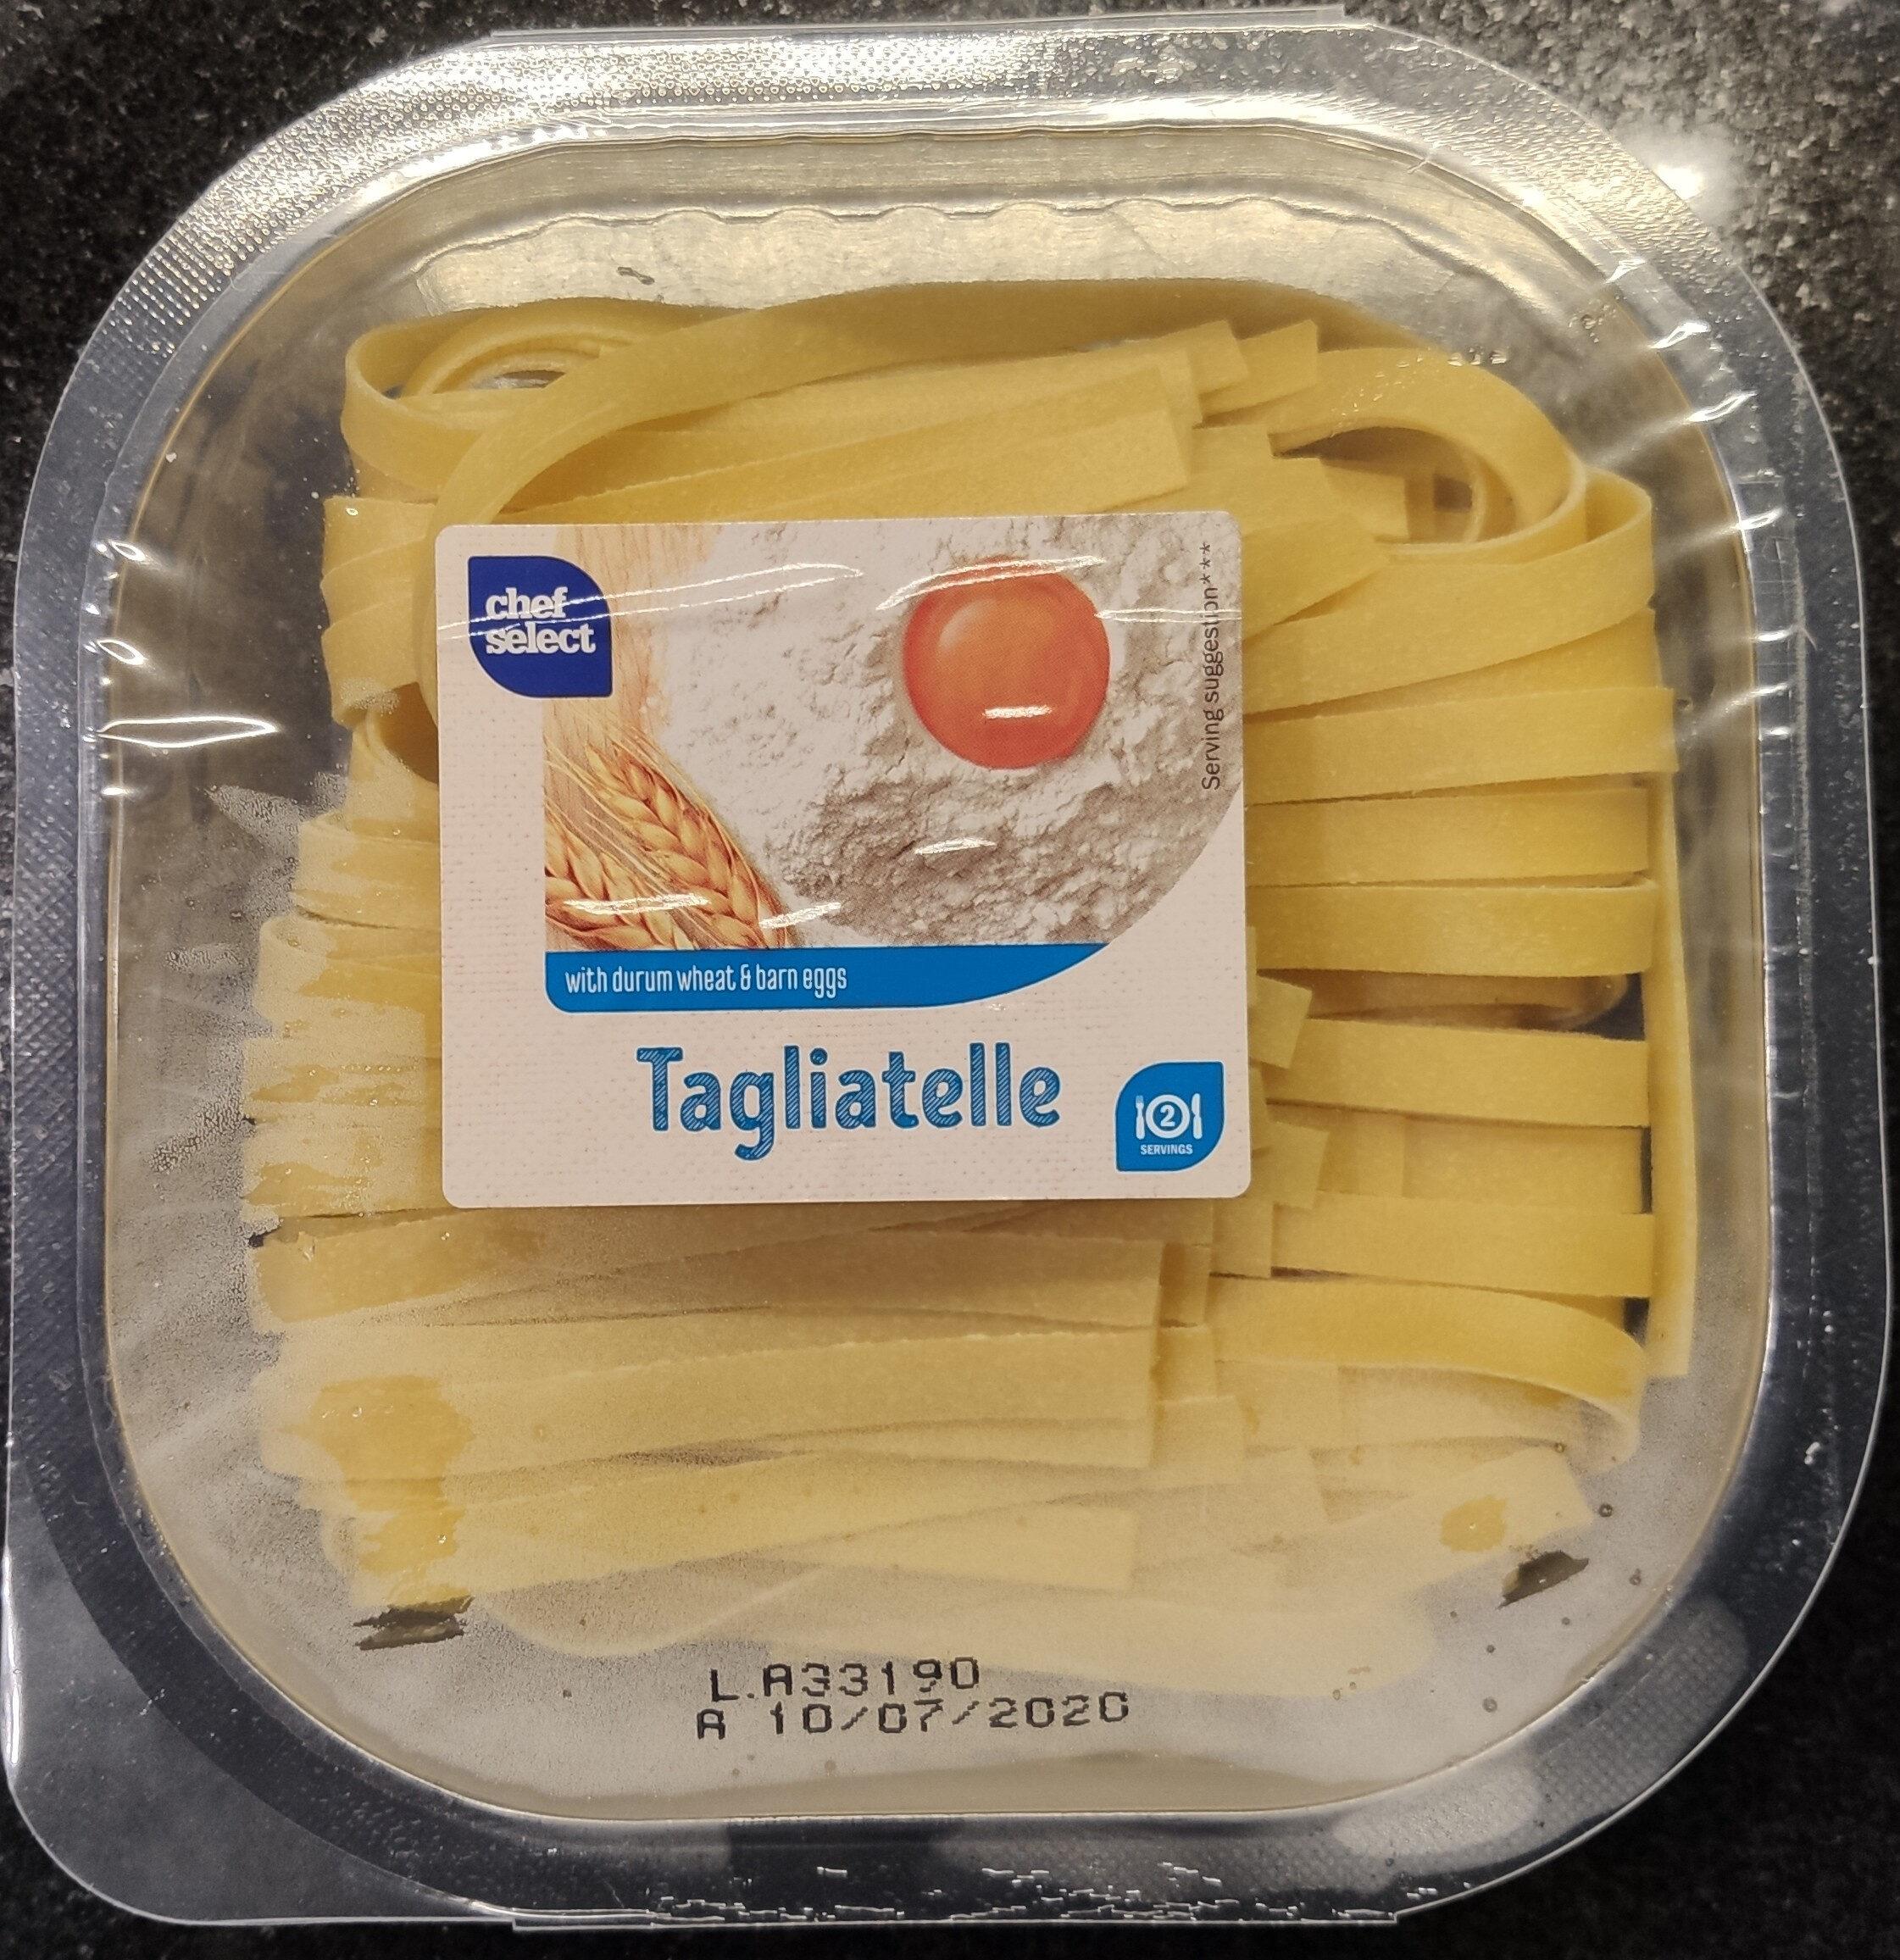 Pasta fresca tagliatelle - Product - fr